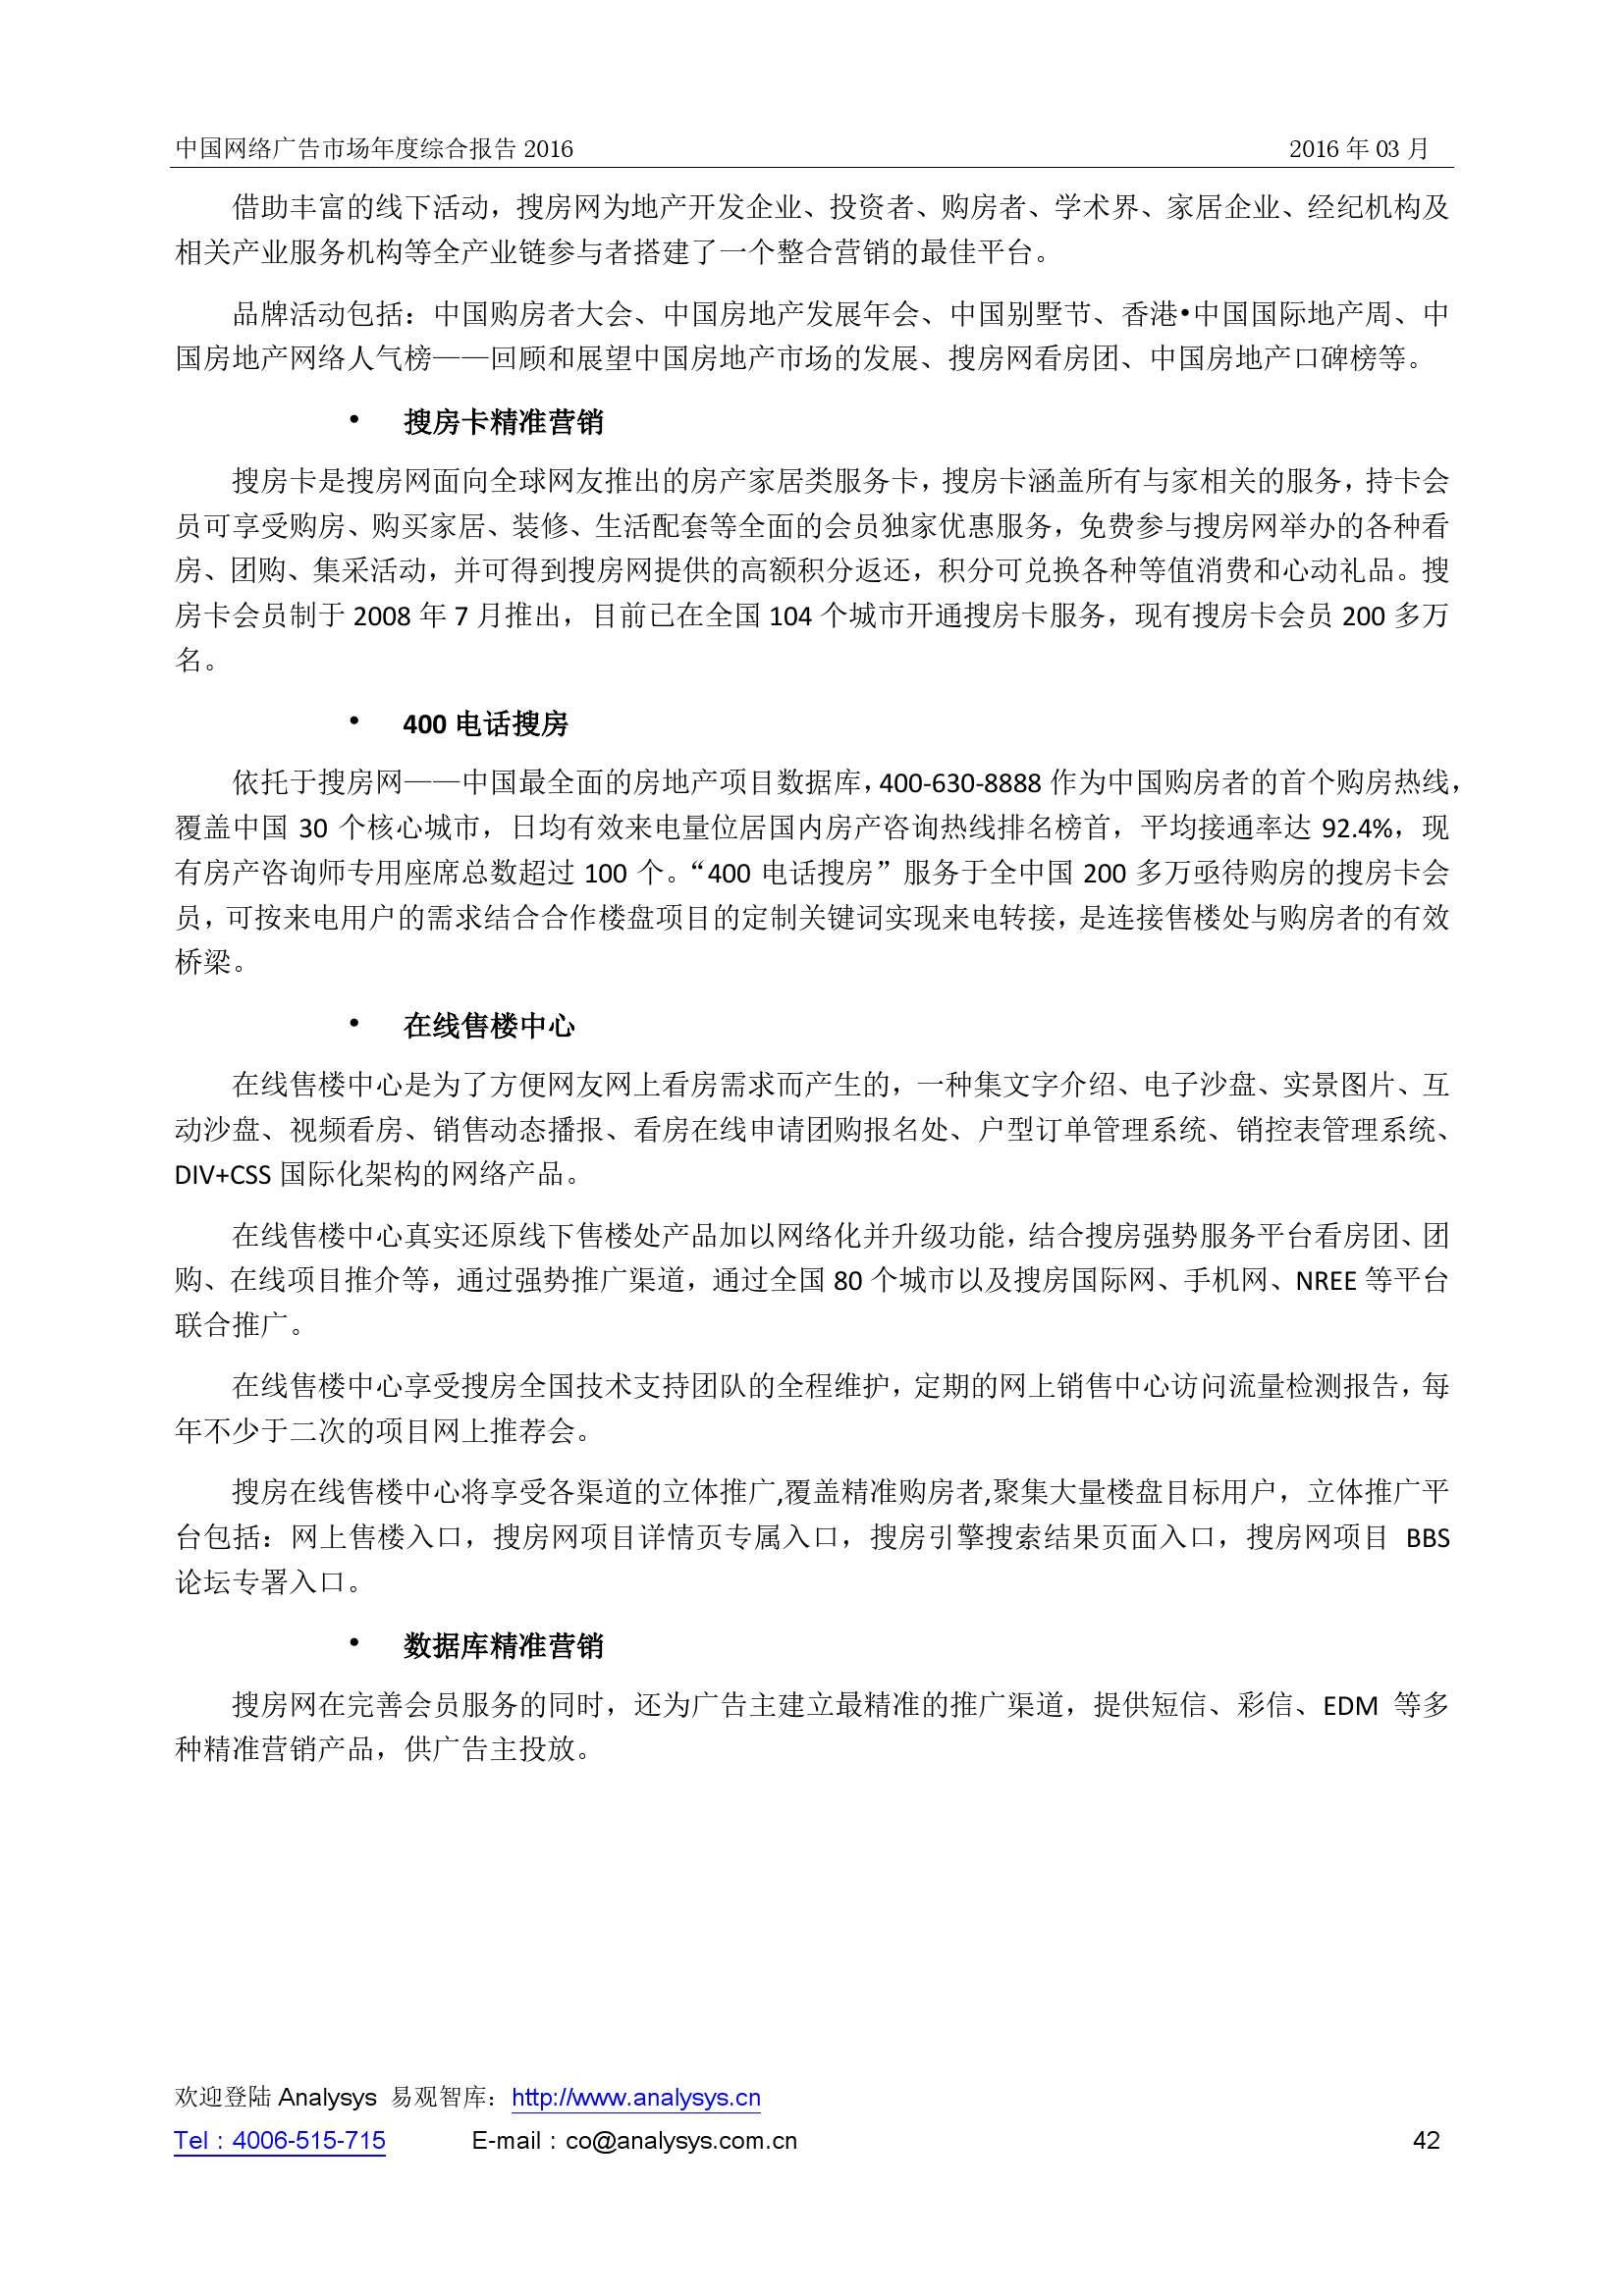 中国网络广告市场年度综合报告2016_000042